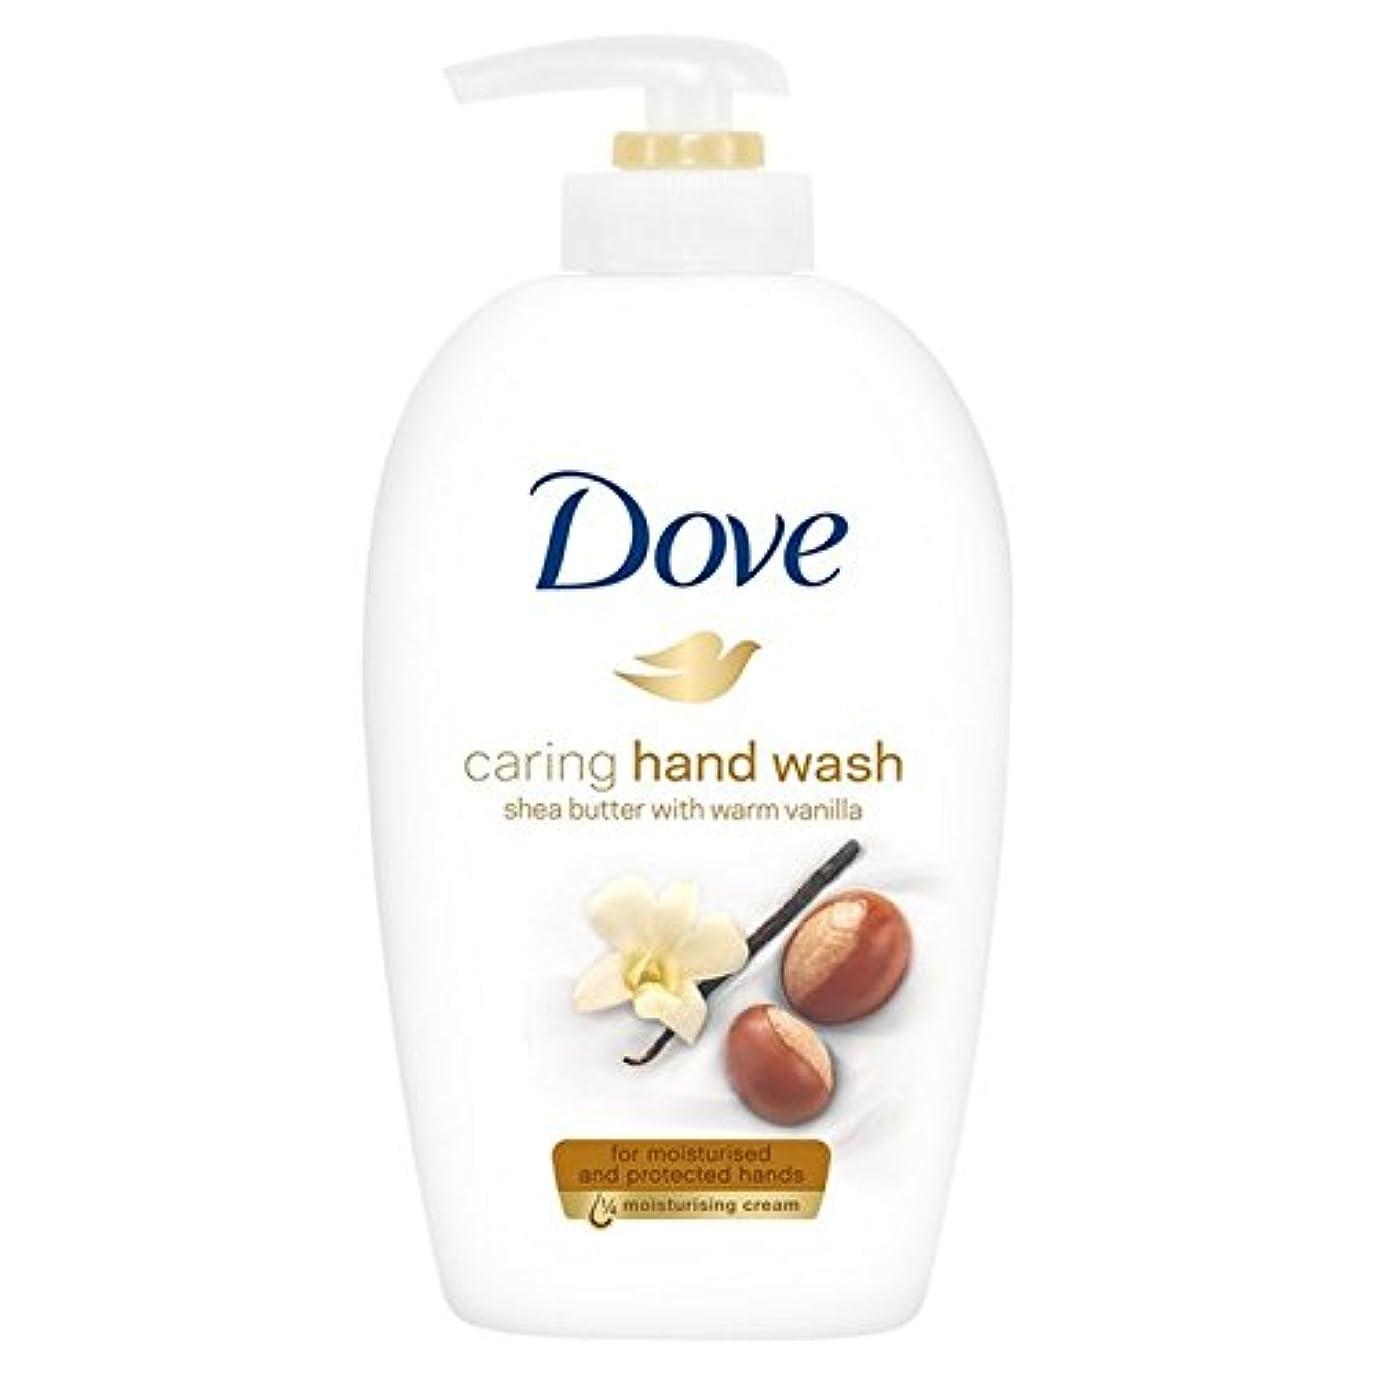 安全でないシニス洞察力鳩純粋な贅沢シアバターの美容クリームウォッシュ250ミリリットル x4 - Dove Purely Pampering Shea Butter Beauty Cream Wash 250ml (Pack of 4) [並行輸入品]